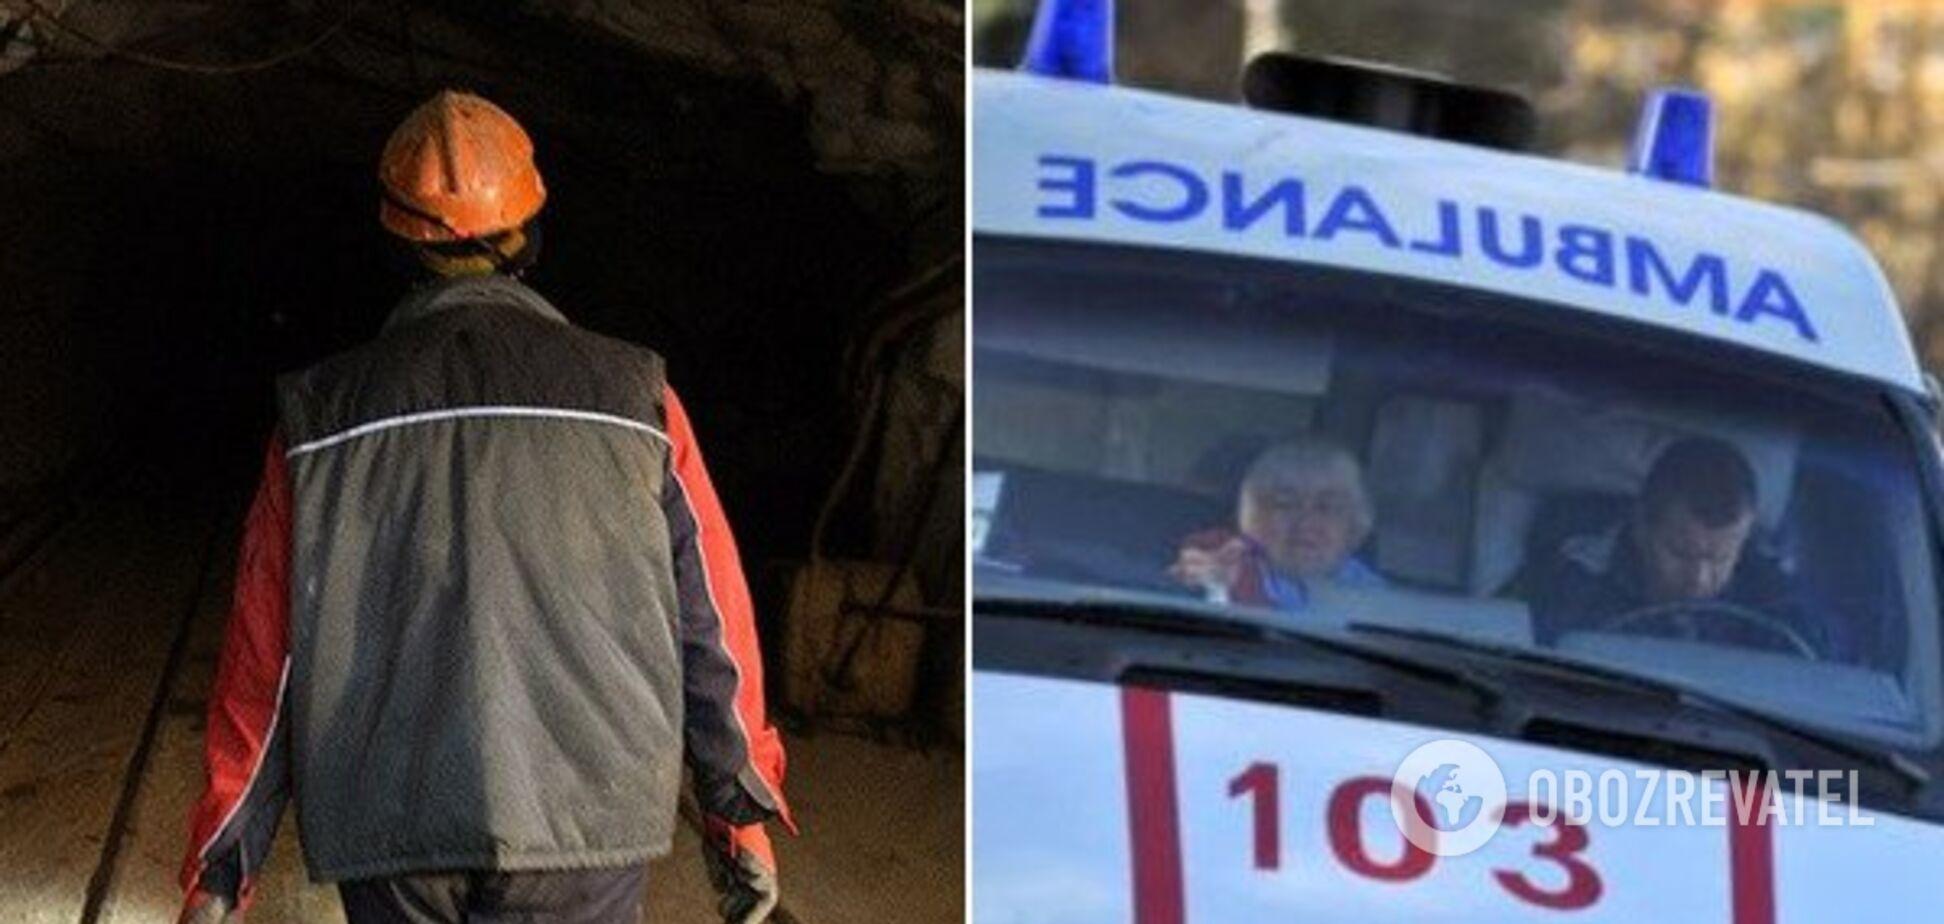 Швидка не встигла: в Кривому Розі на шахті помер чоловік